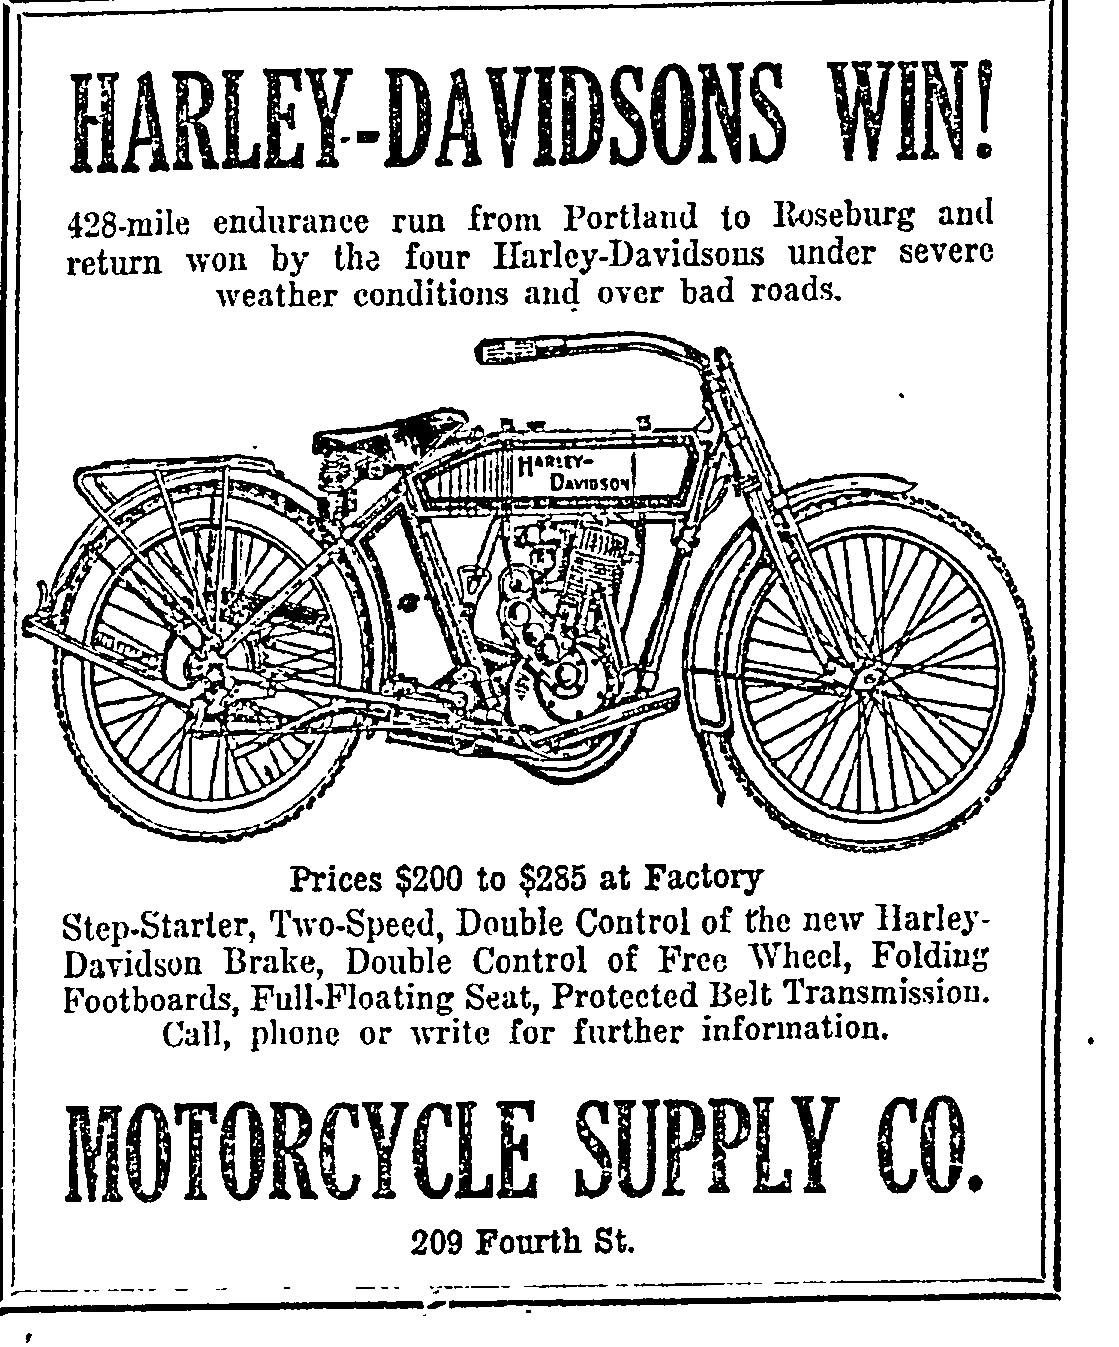 Harley Davidson Portland >> Vintage H D Ad Featuring Portland Event Vintage Bike